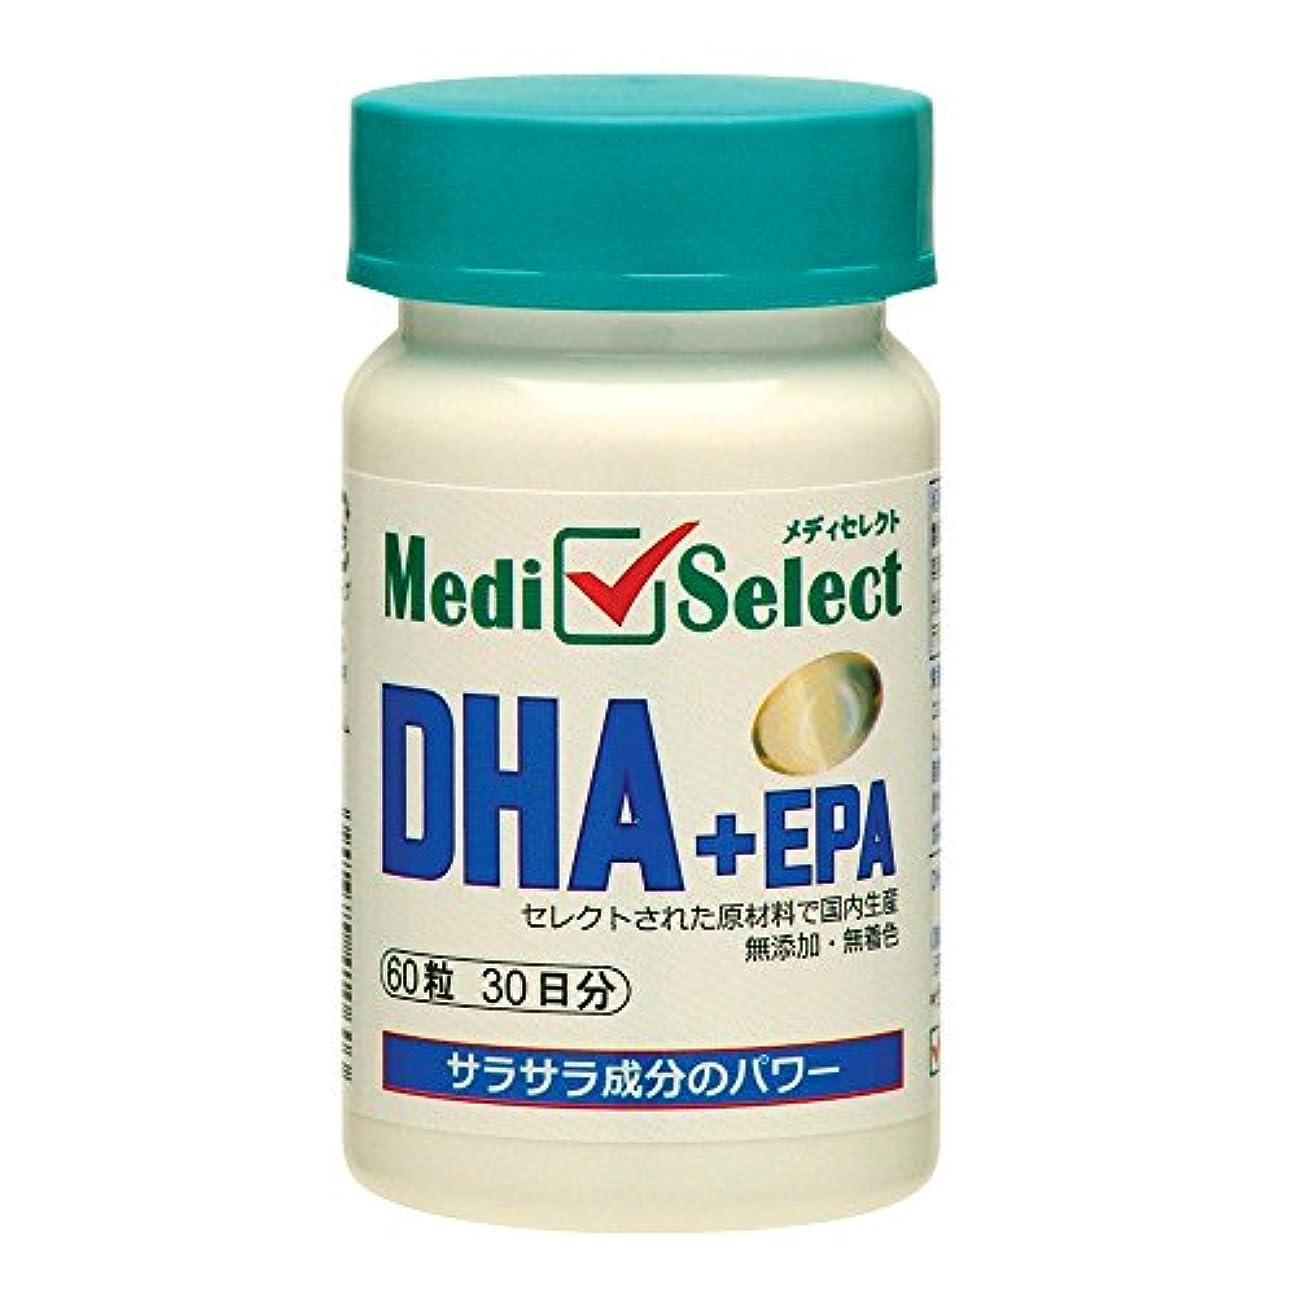 演劇に渡って春メディセレクト DHA+EPA 60粒(30日分)